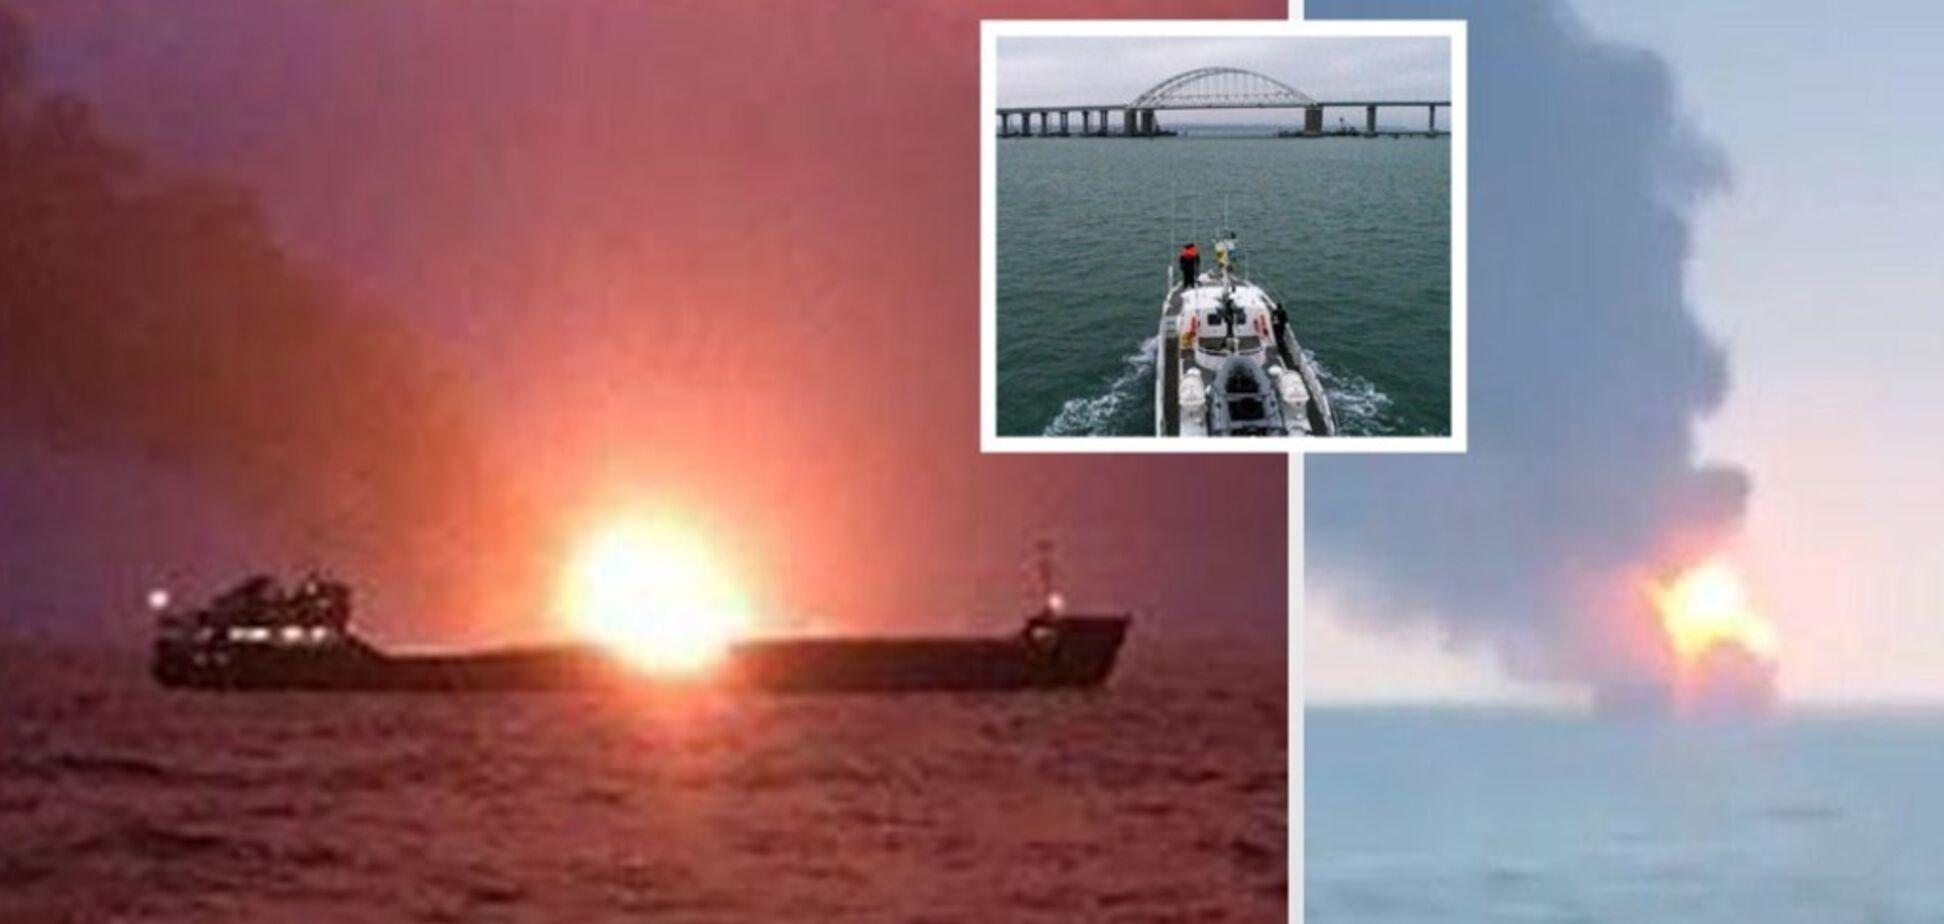 Люди прыгали за борт: у Керченского пролива загорелись два судна, погибли 10 человек